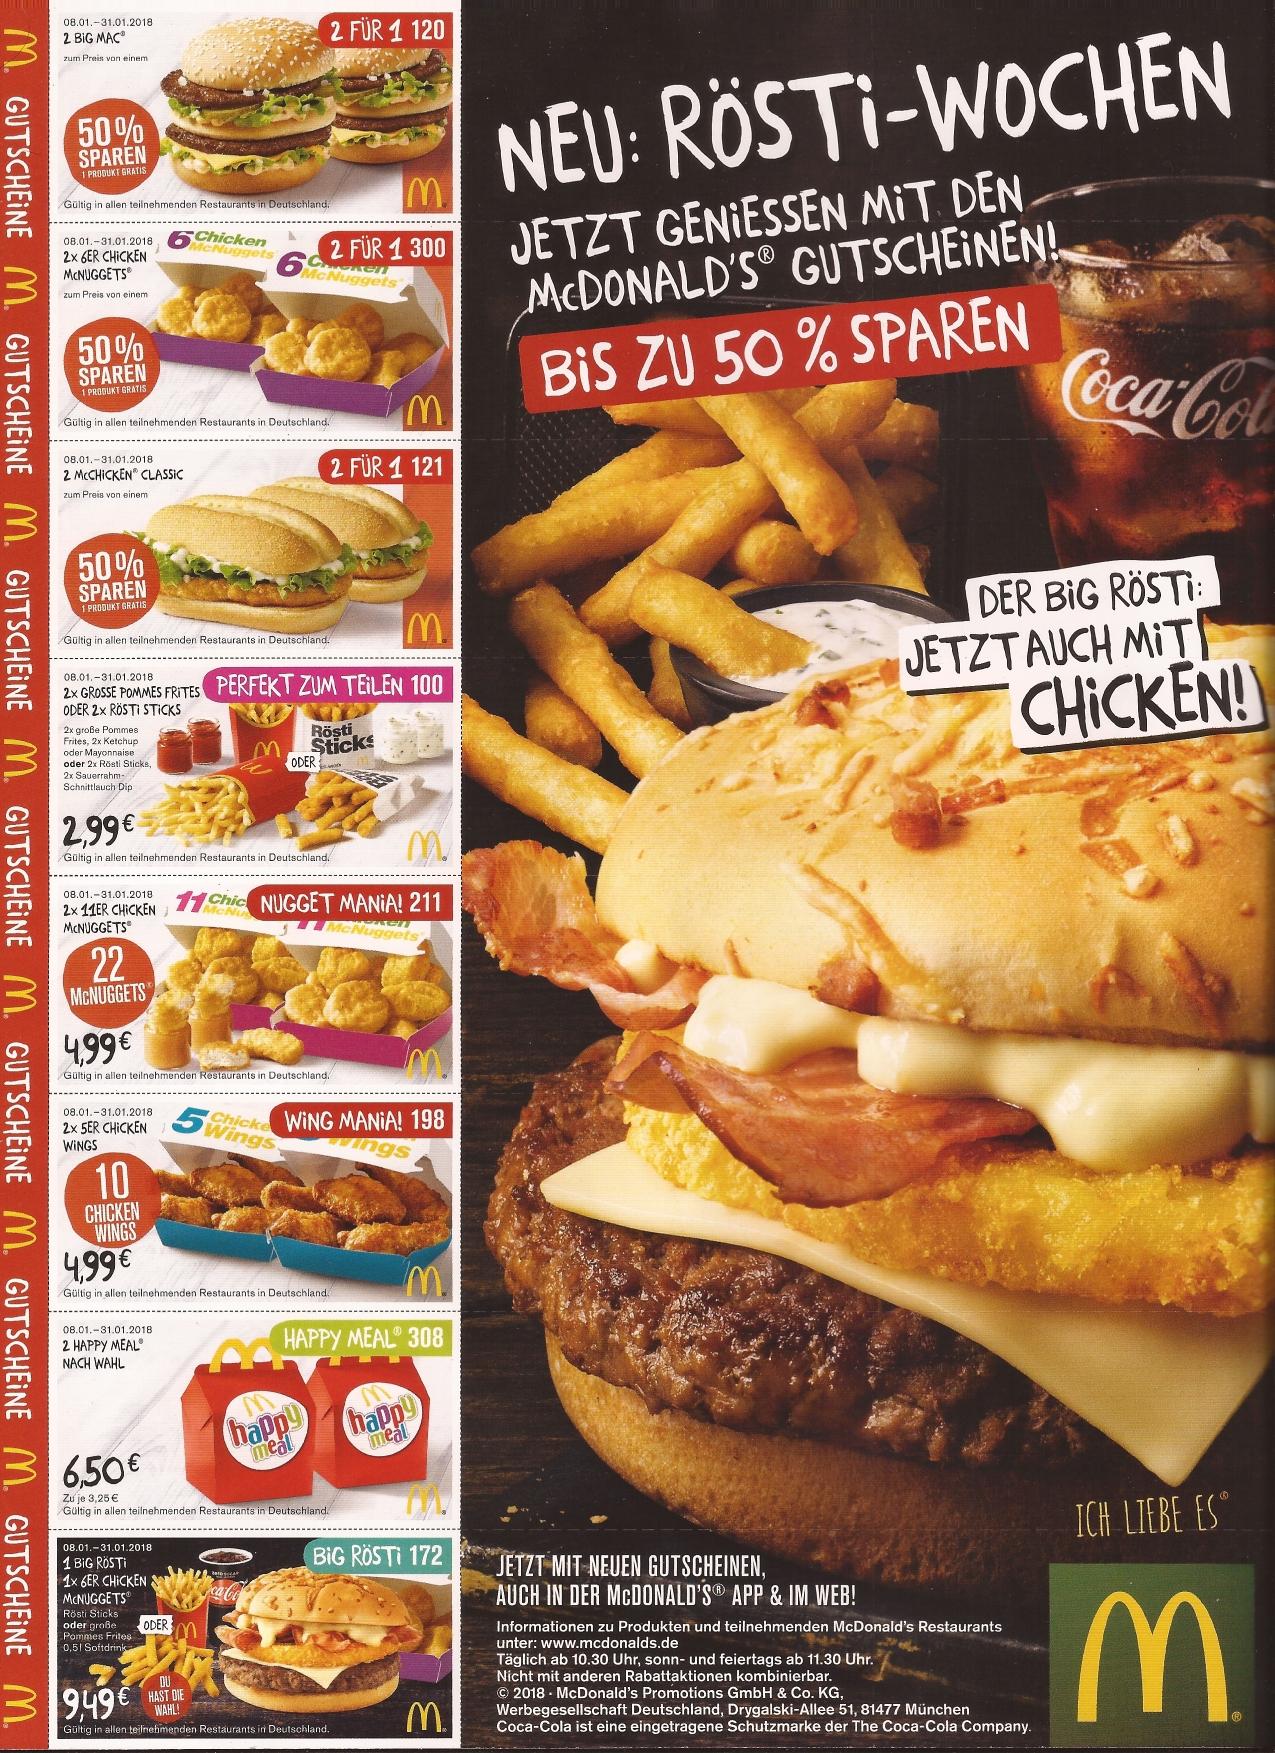 mcdonalds gutscheine essen